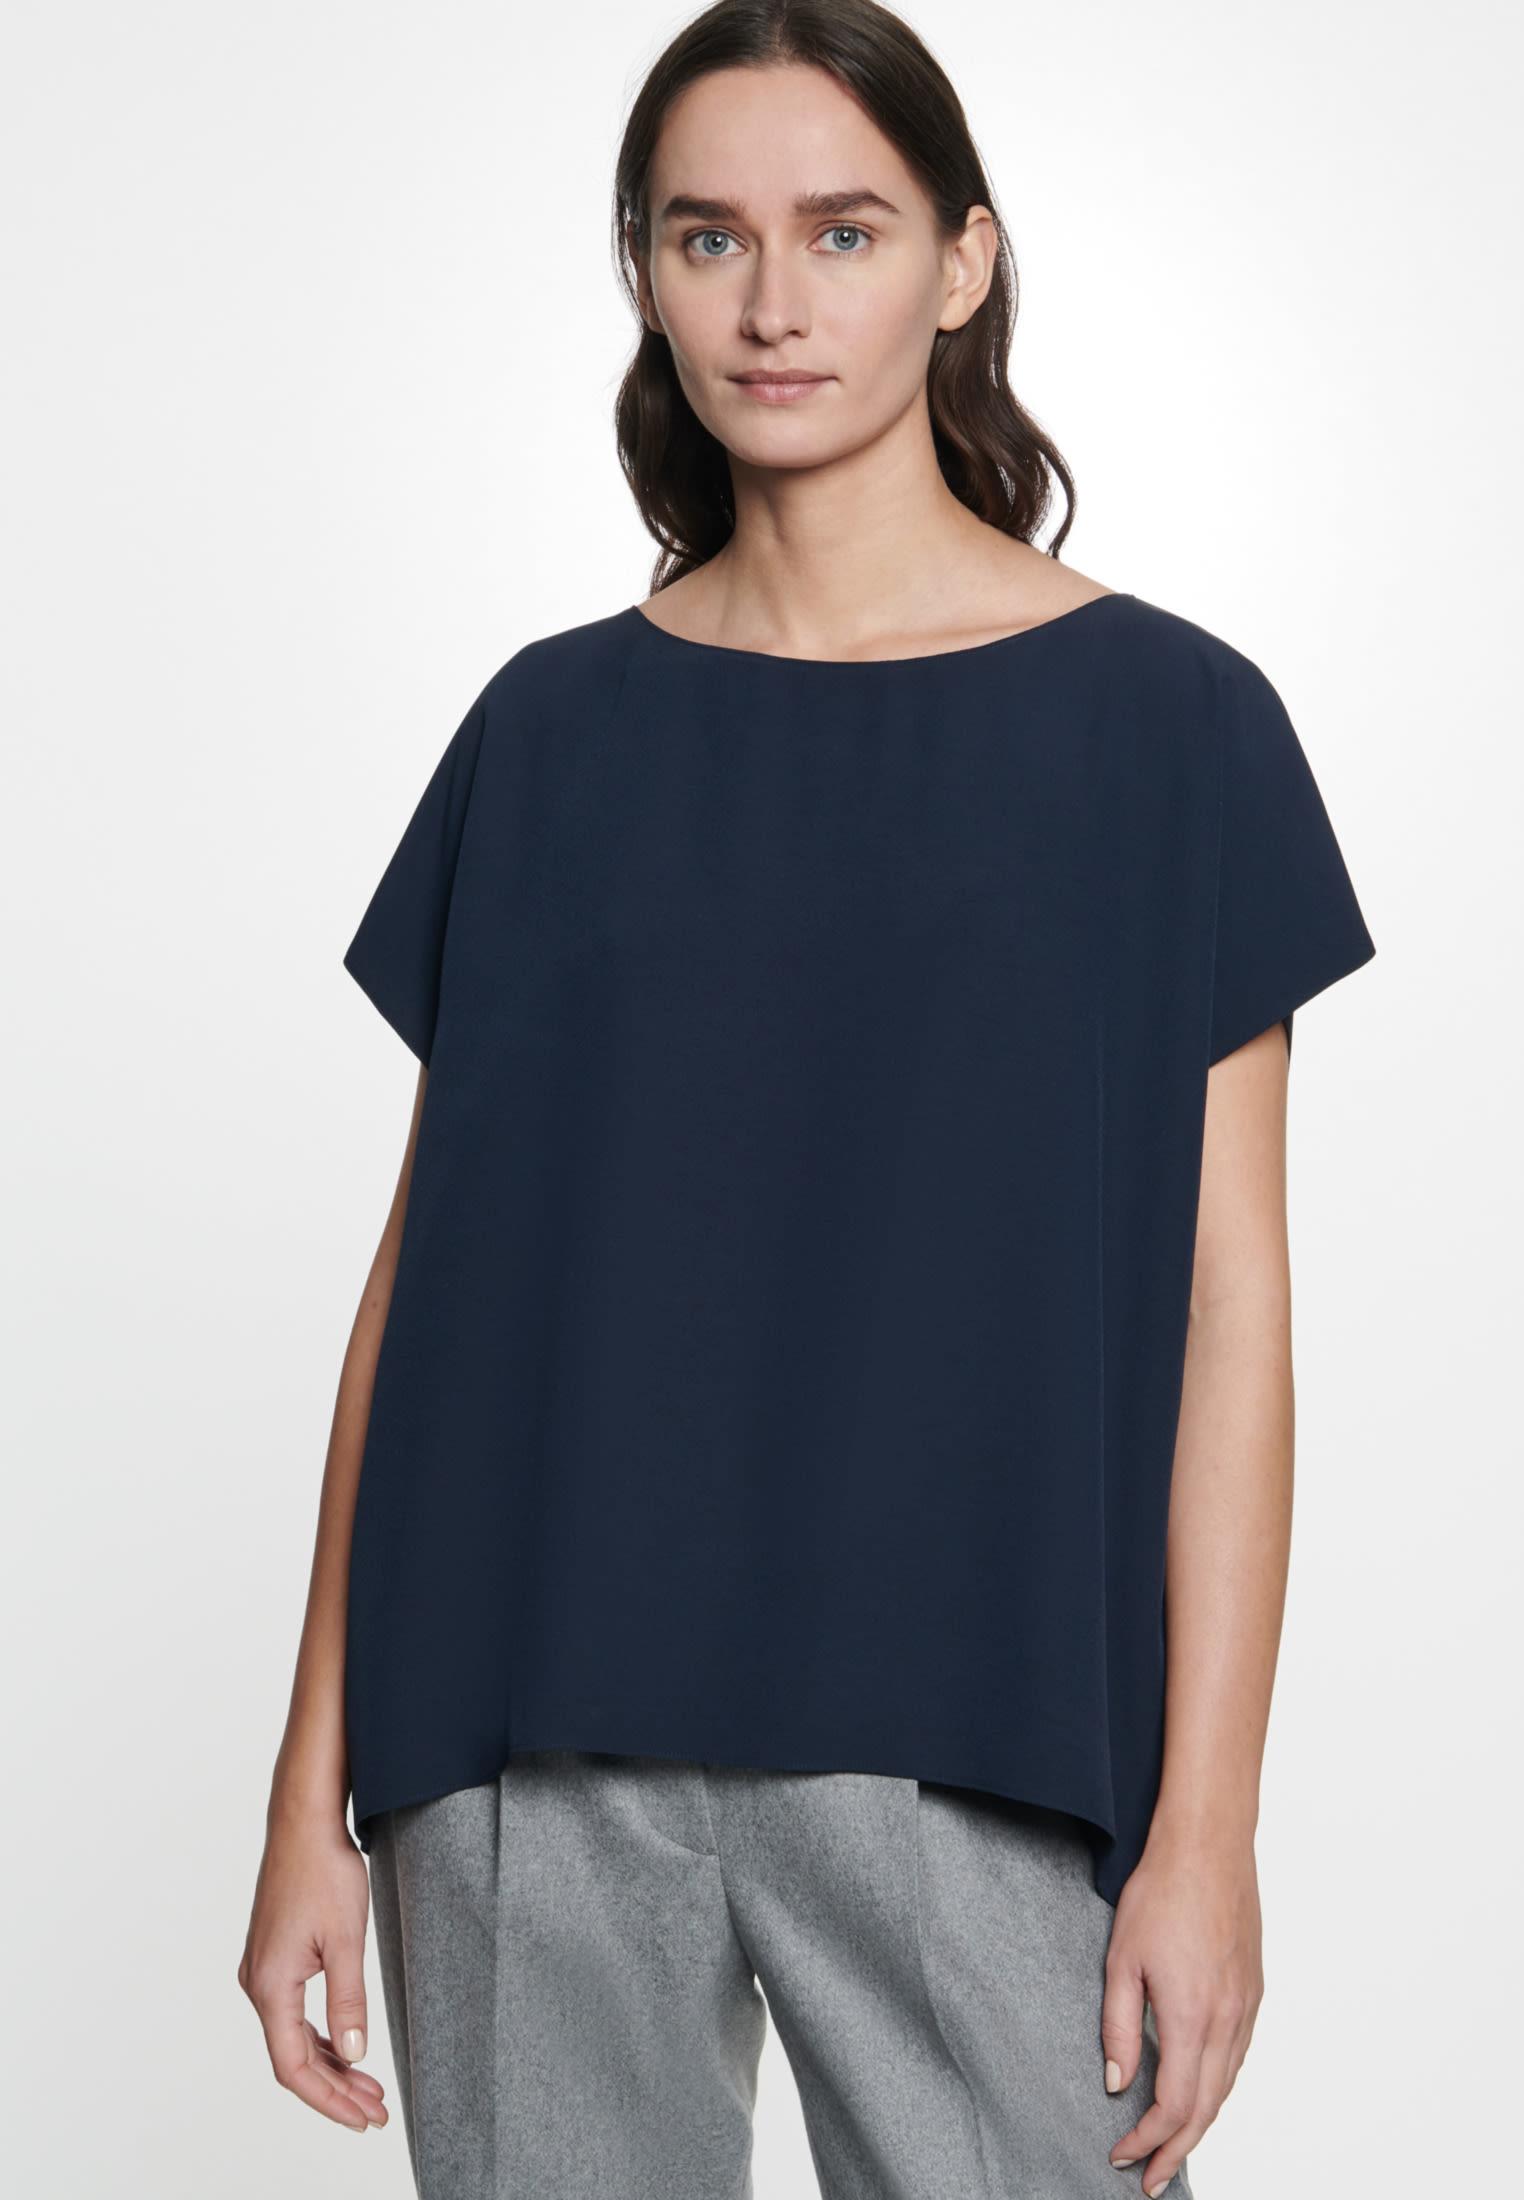 Kurzarm Krepp Shirtbluse aus Rayonmischung in Dunkelblau |  Seidensticker Onlineshop